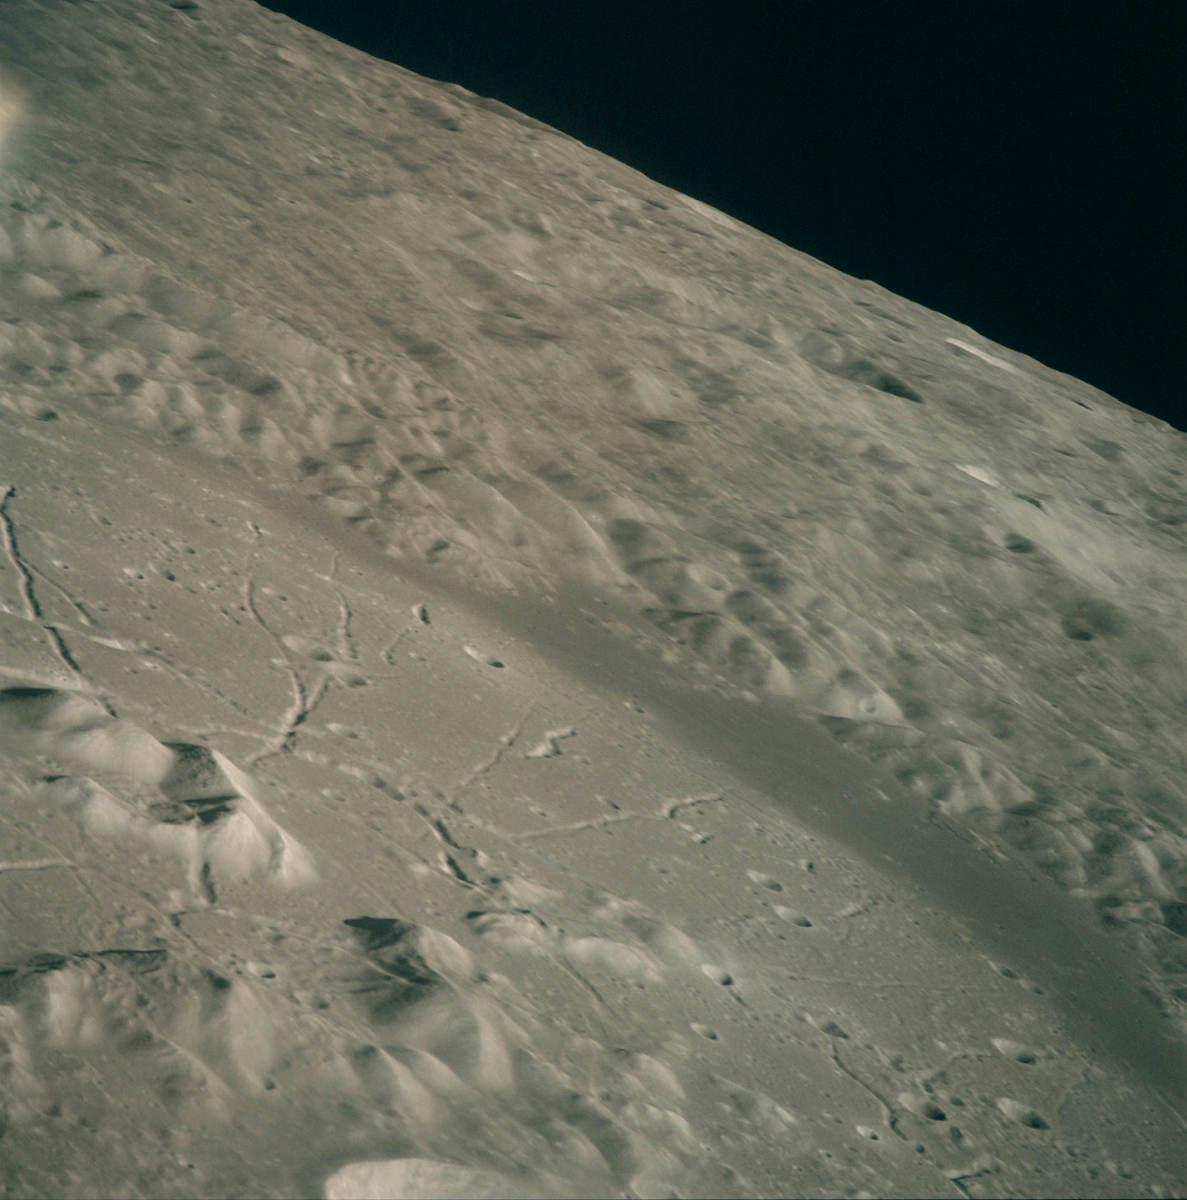 Humboldt - Apollo 15